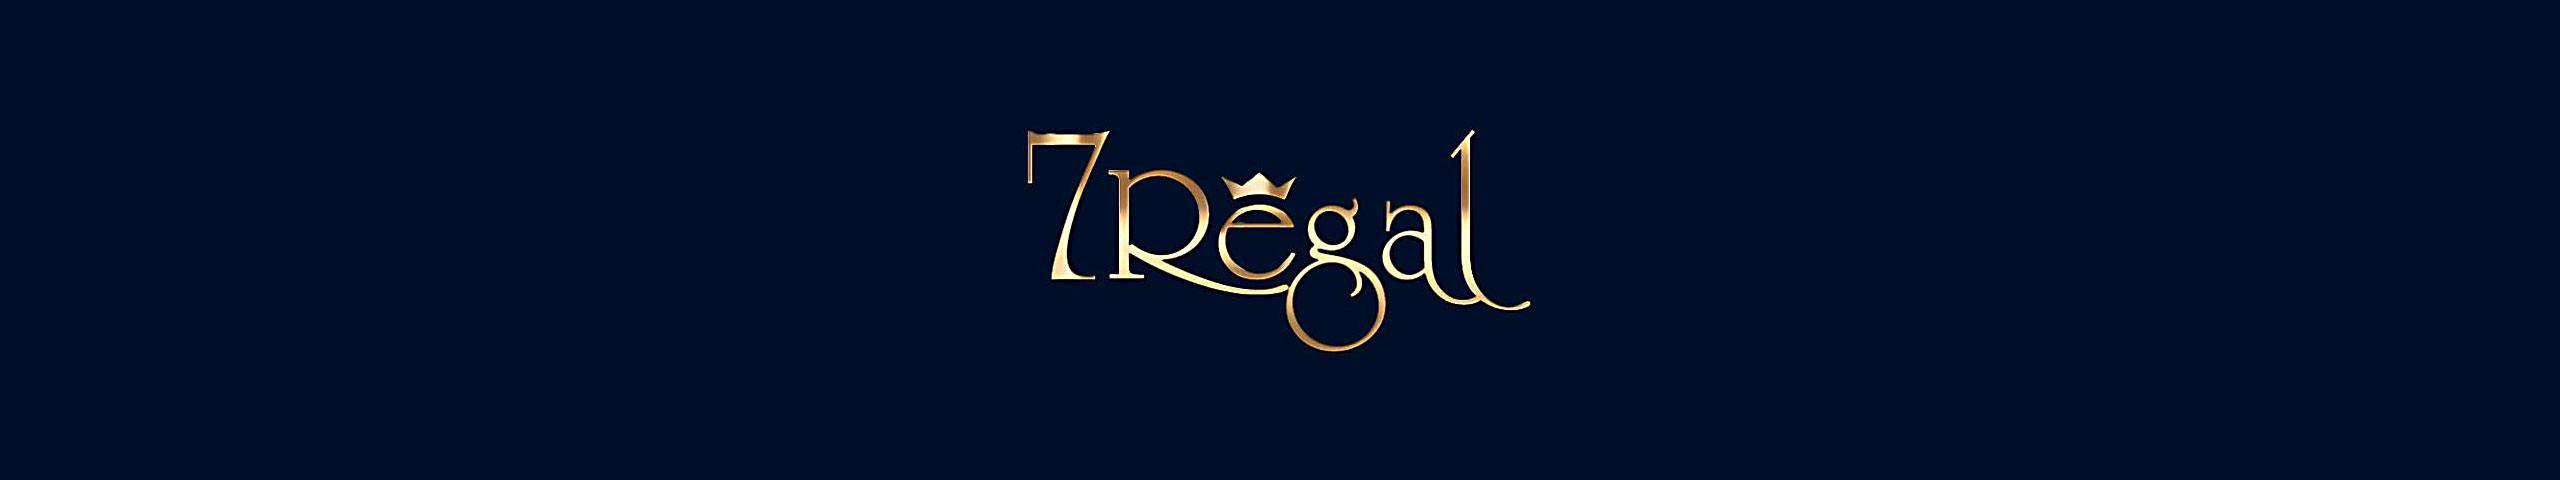 7Regal Casino online casino slider wyrmspel